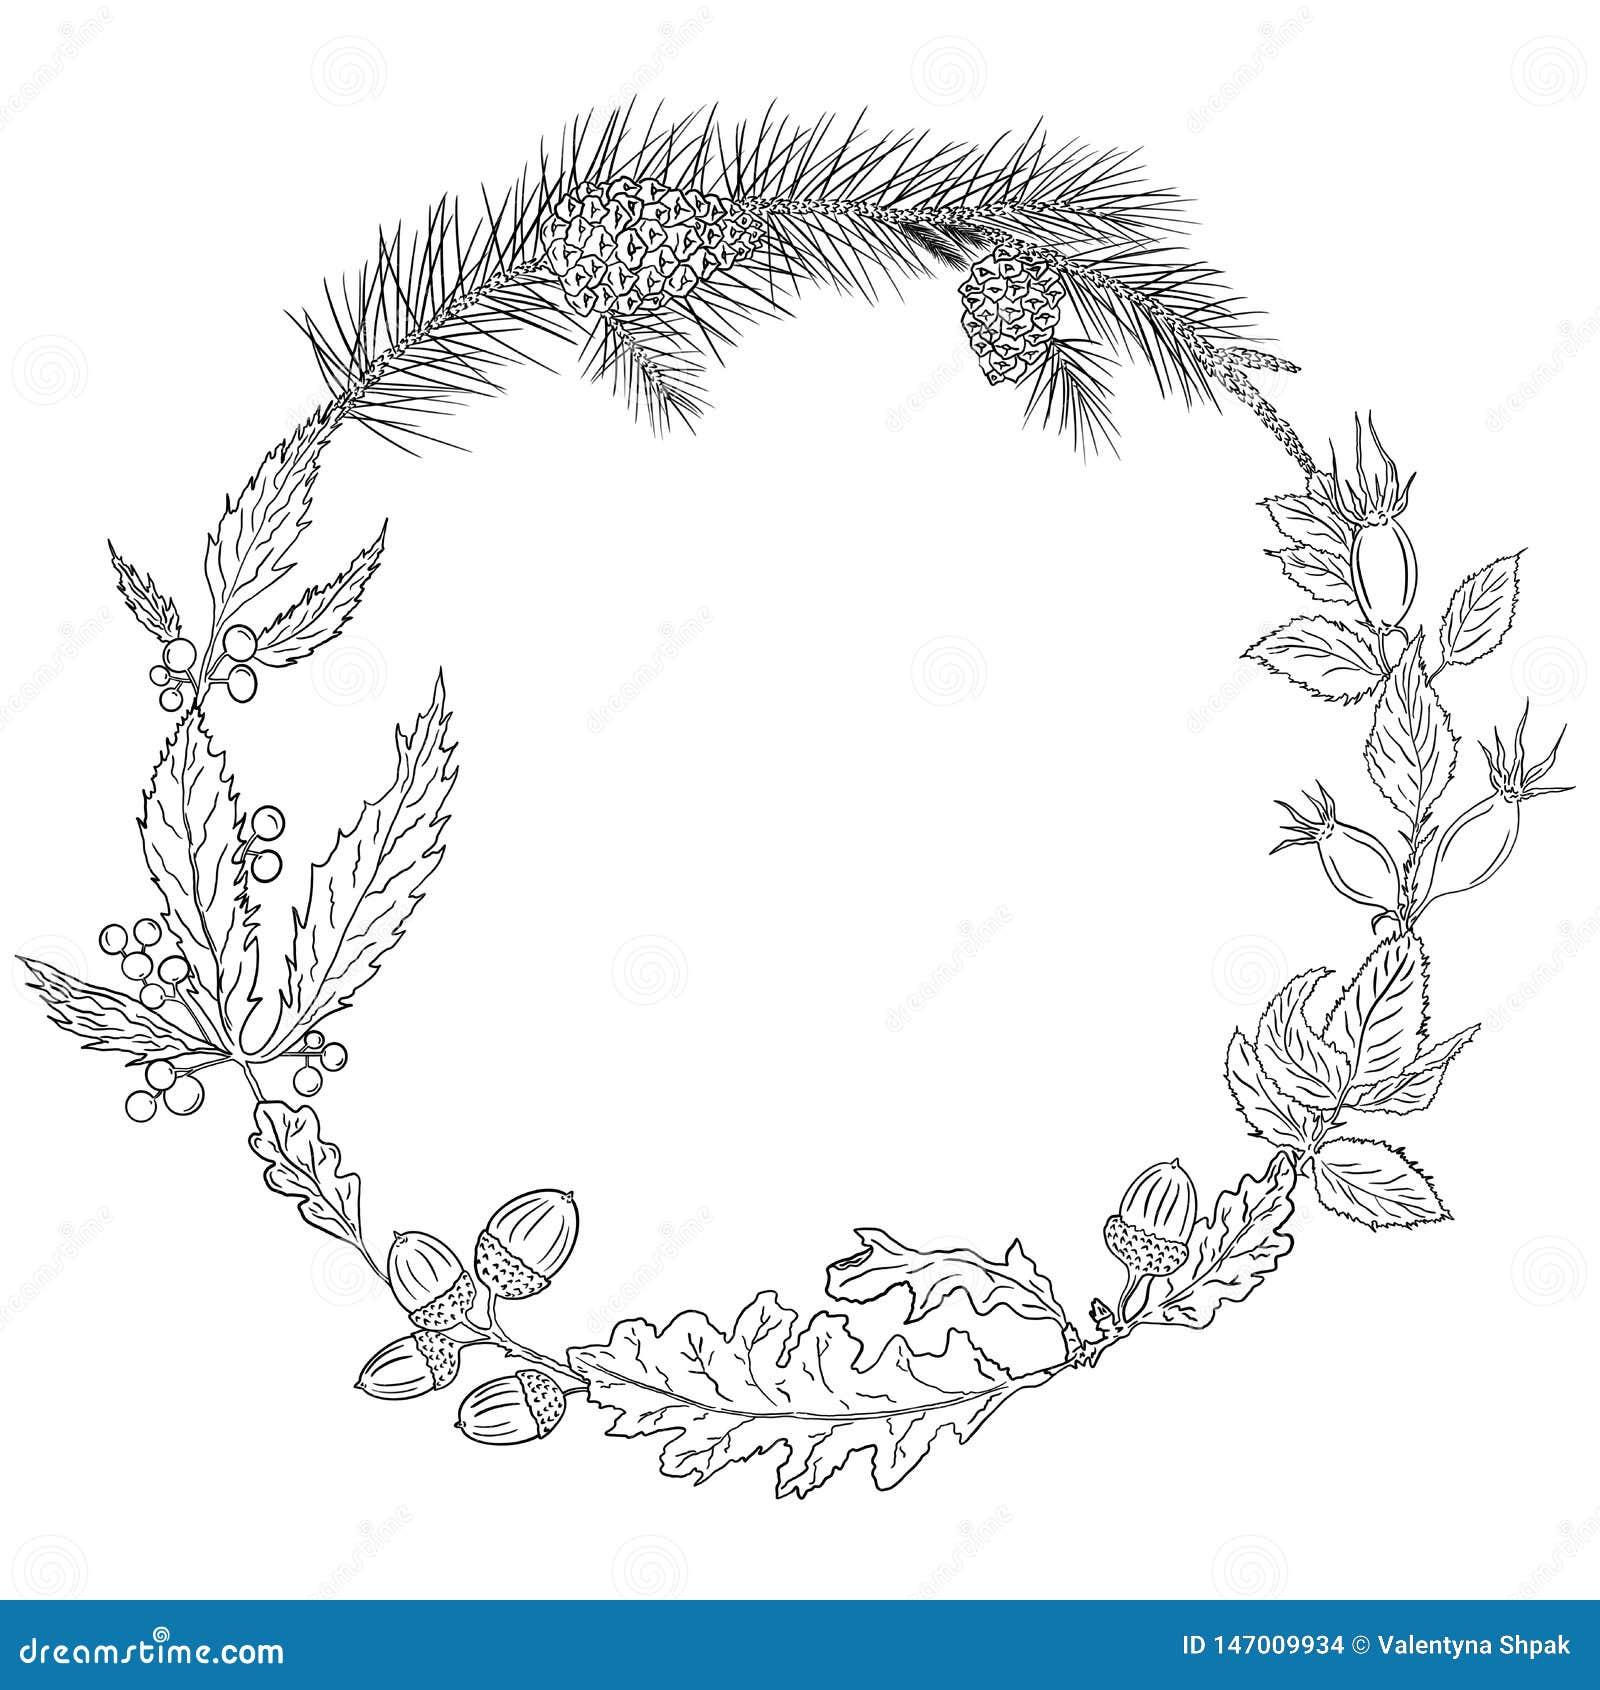 Guirnalda del otoño de las hojas y bellotas del roble, rosa salvaje, uvas de niña, ramas del pino y conos del pino